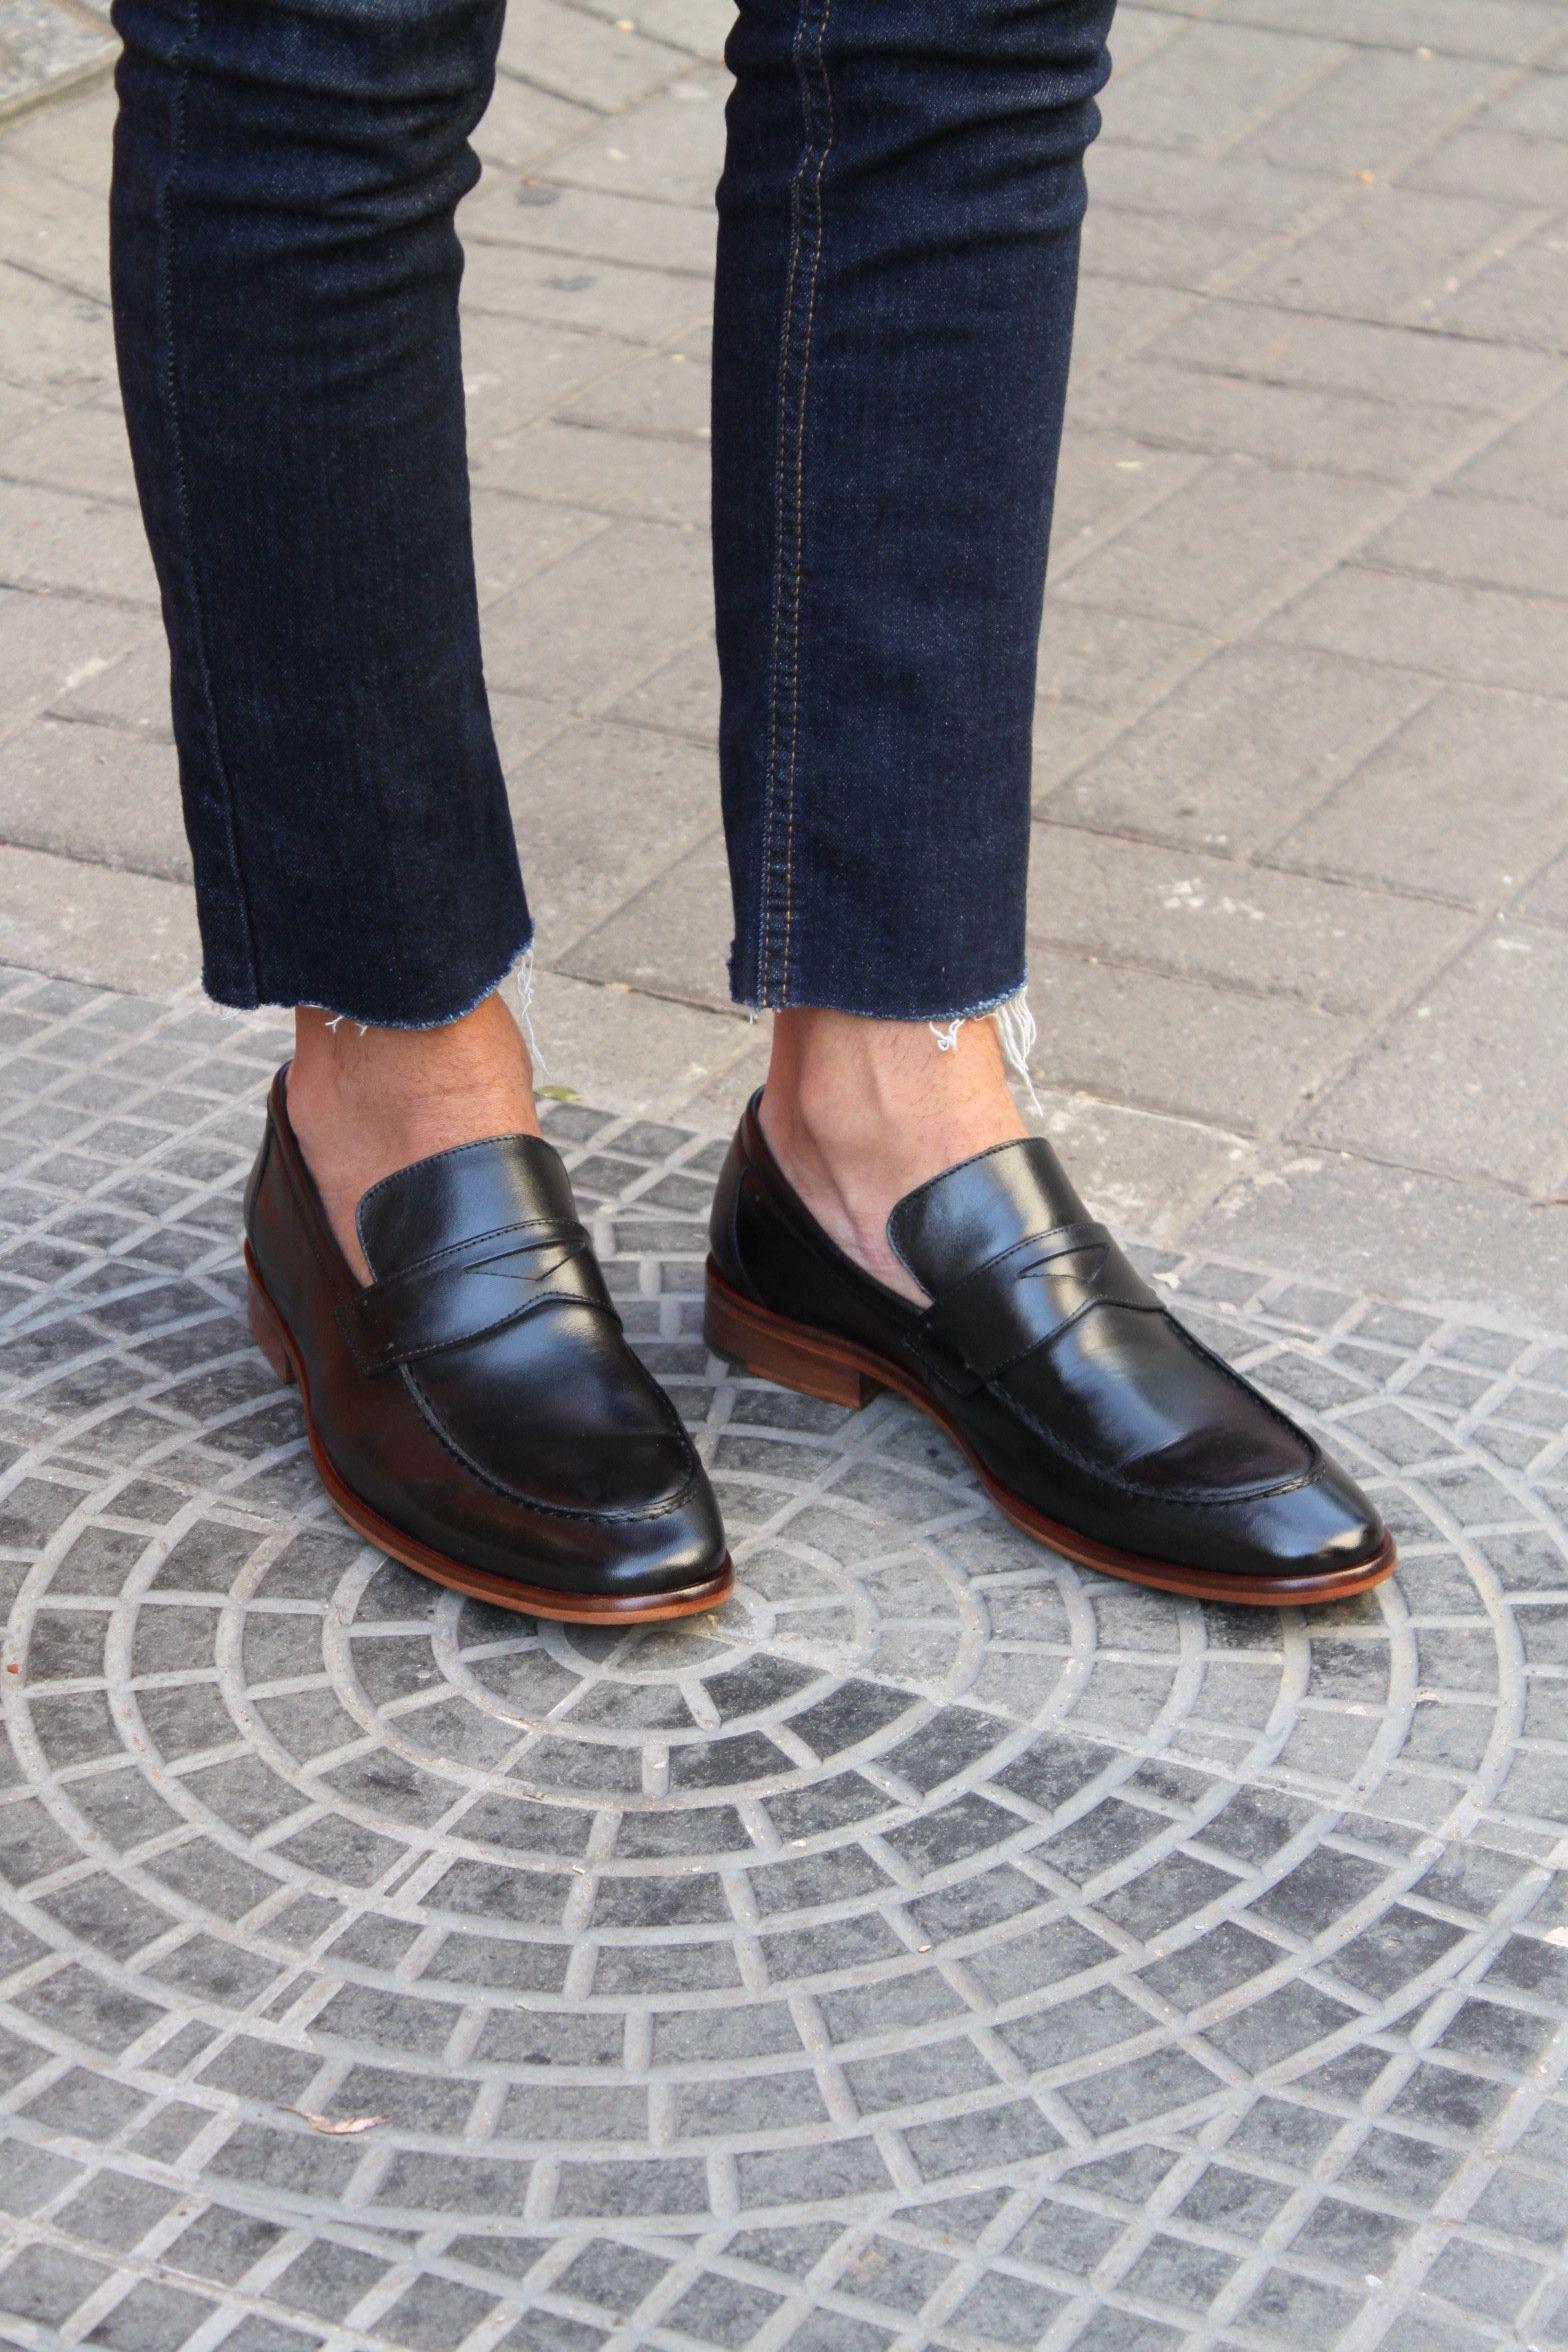 1054ea78661d2 Sapato Masculino Loafer CNS Jack em couro cor Preto com sola de couro e  forro de couro.  cns  cnsmais  masculina  loafer  mocassim  couro  leather   shoes   ...